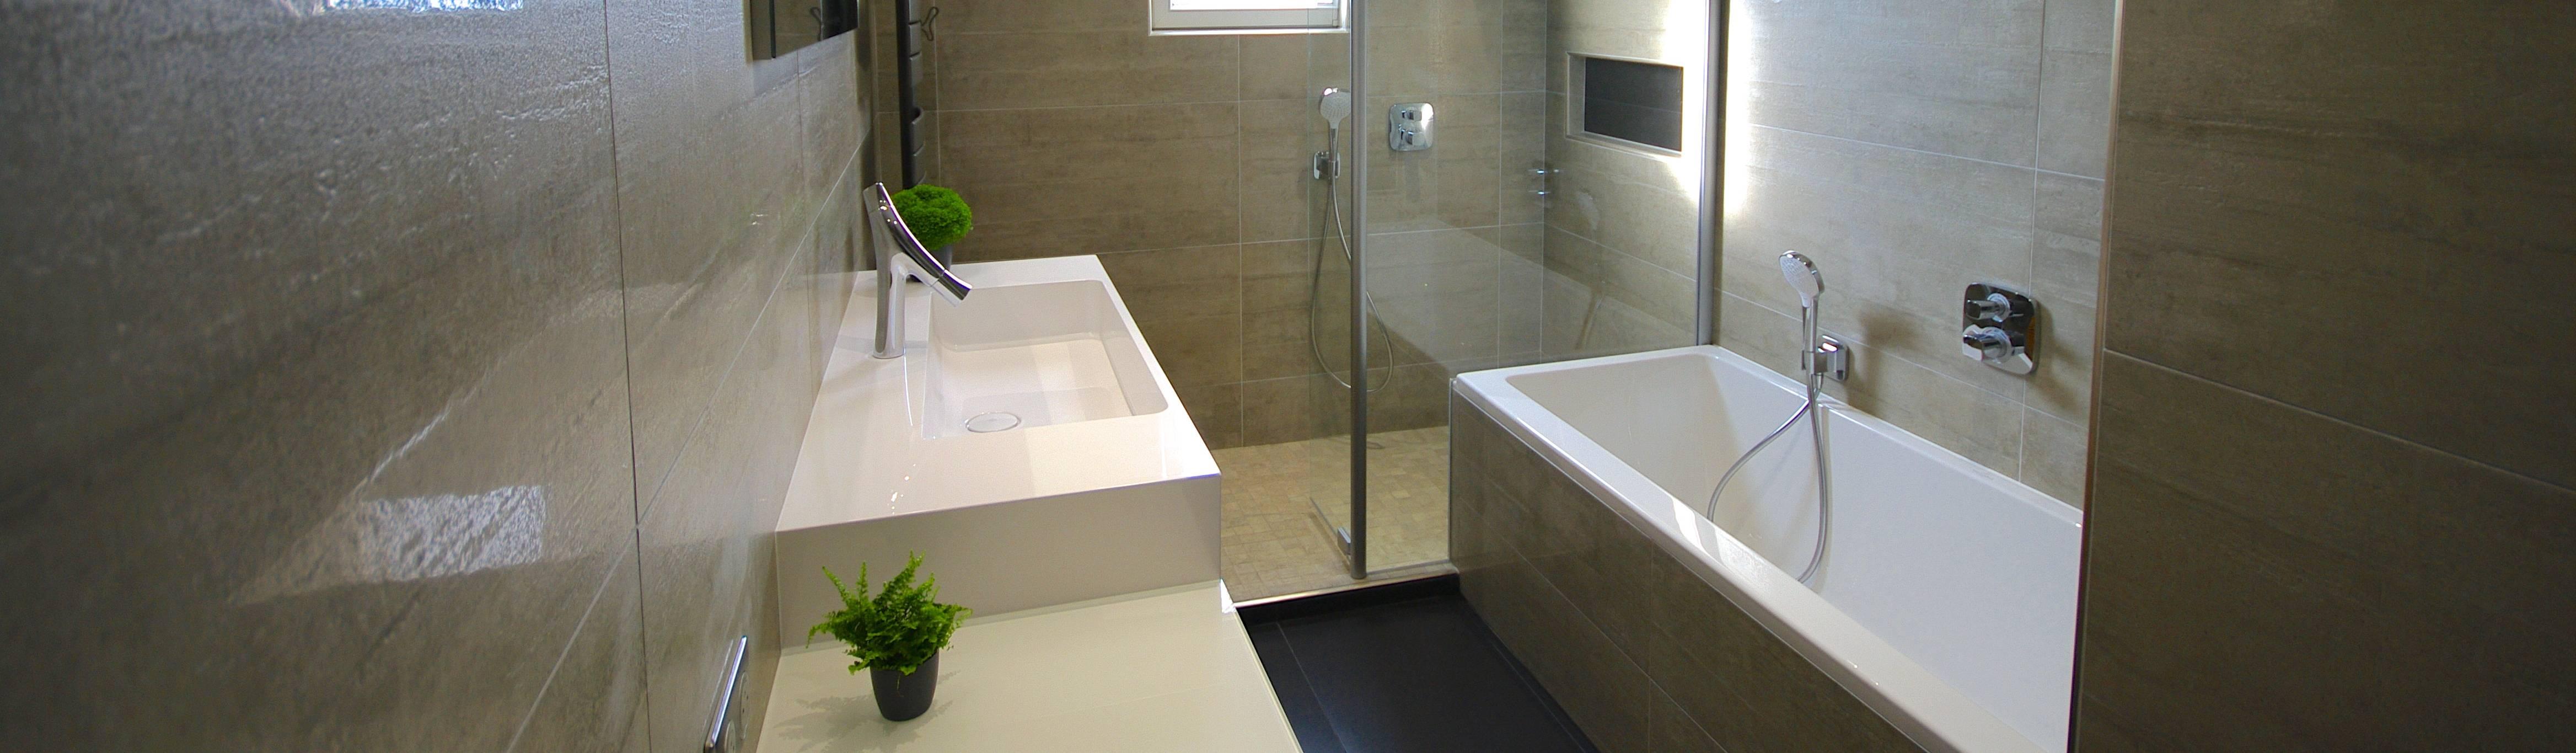 Salle De Bain Nature ~ salle de bains nature by rg int rieur homify